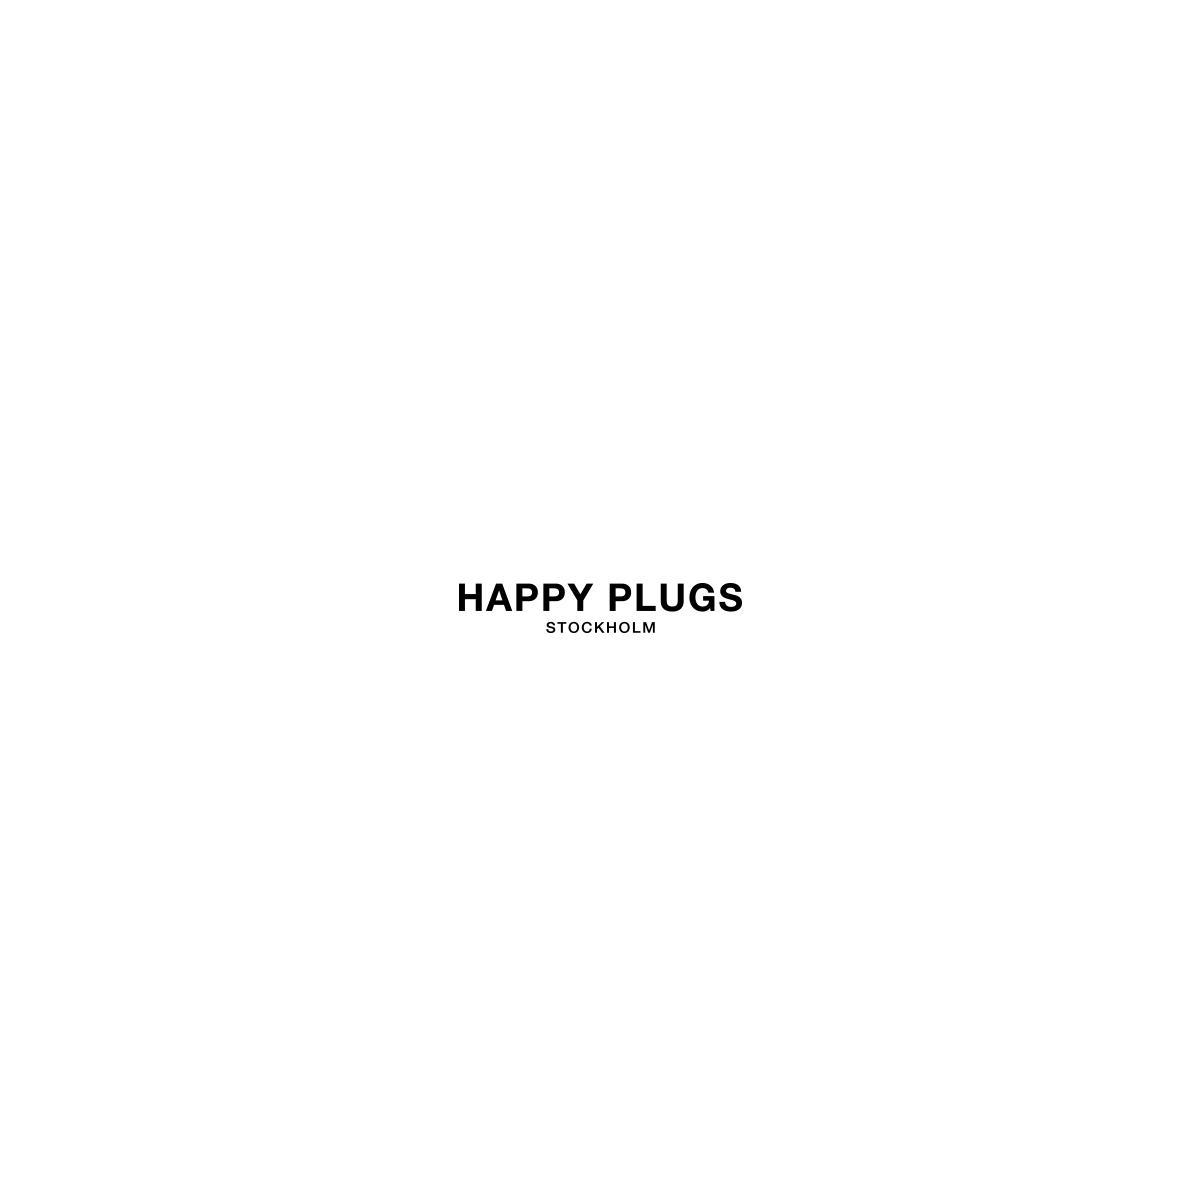 Happy Plugs